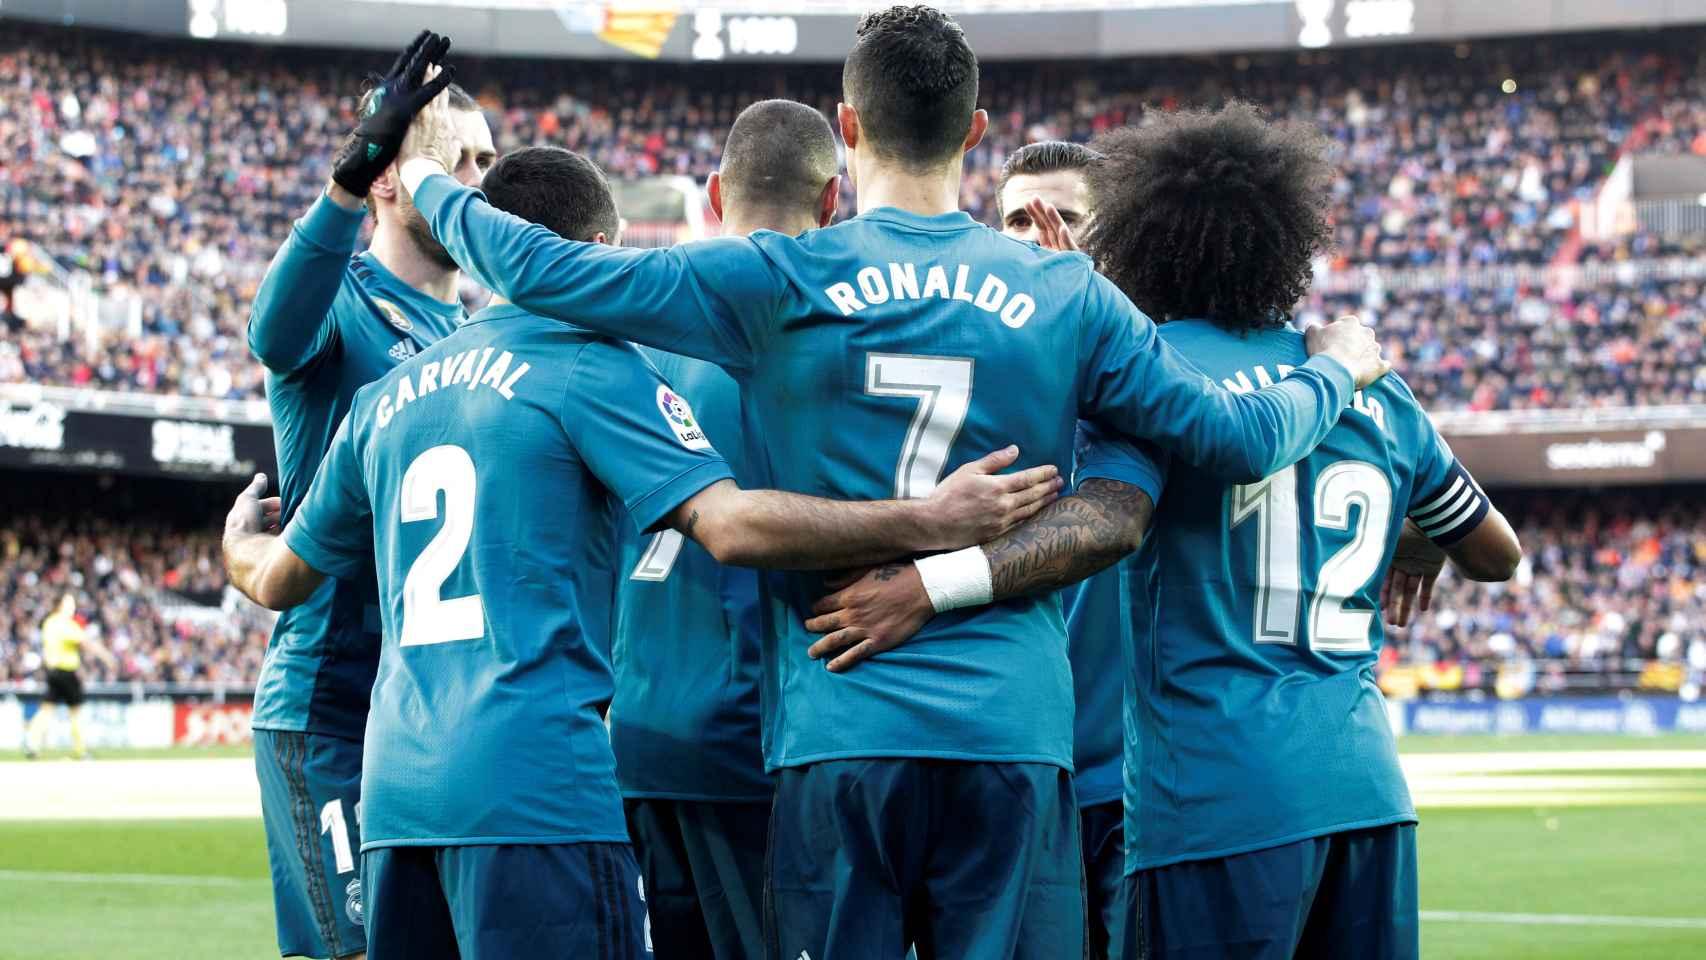 Los jugadores del Real Madrid celebran la victoria en Mestalla. / Reuters